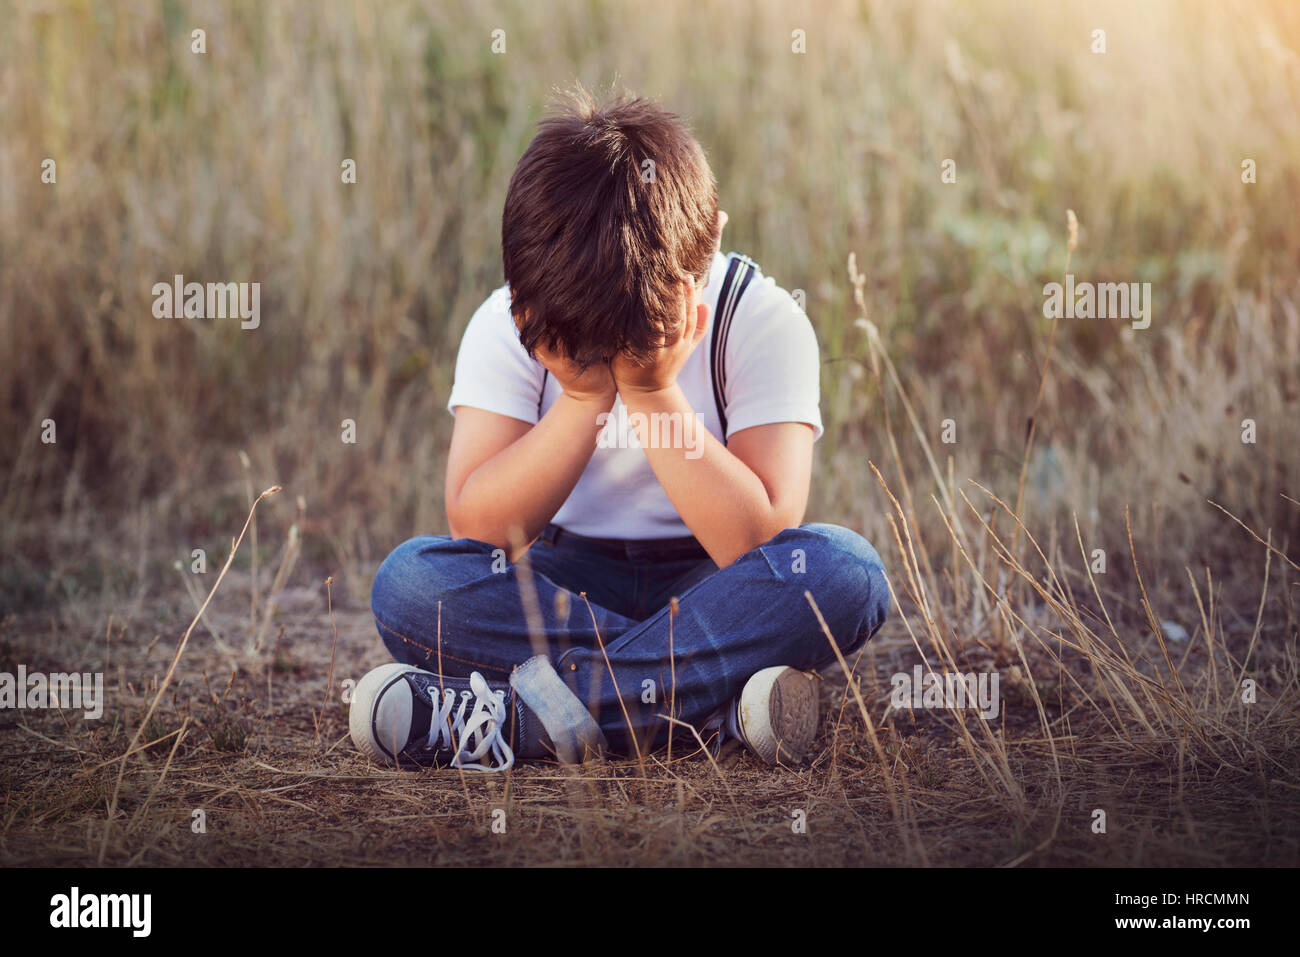 crying boy - Stock Image